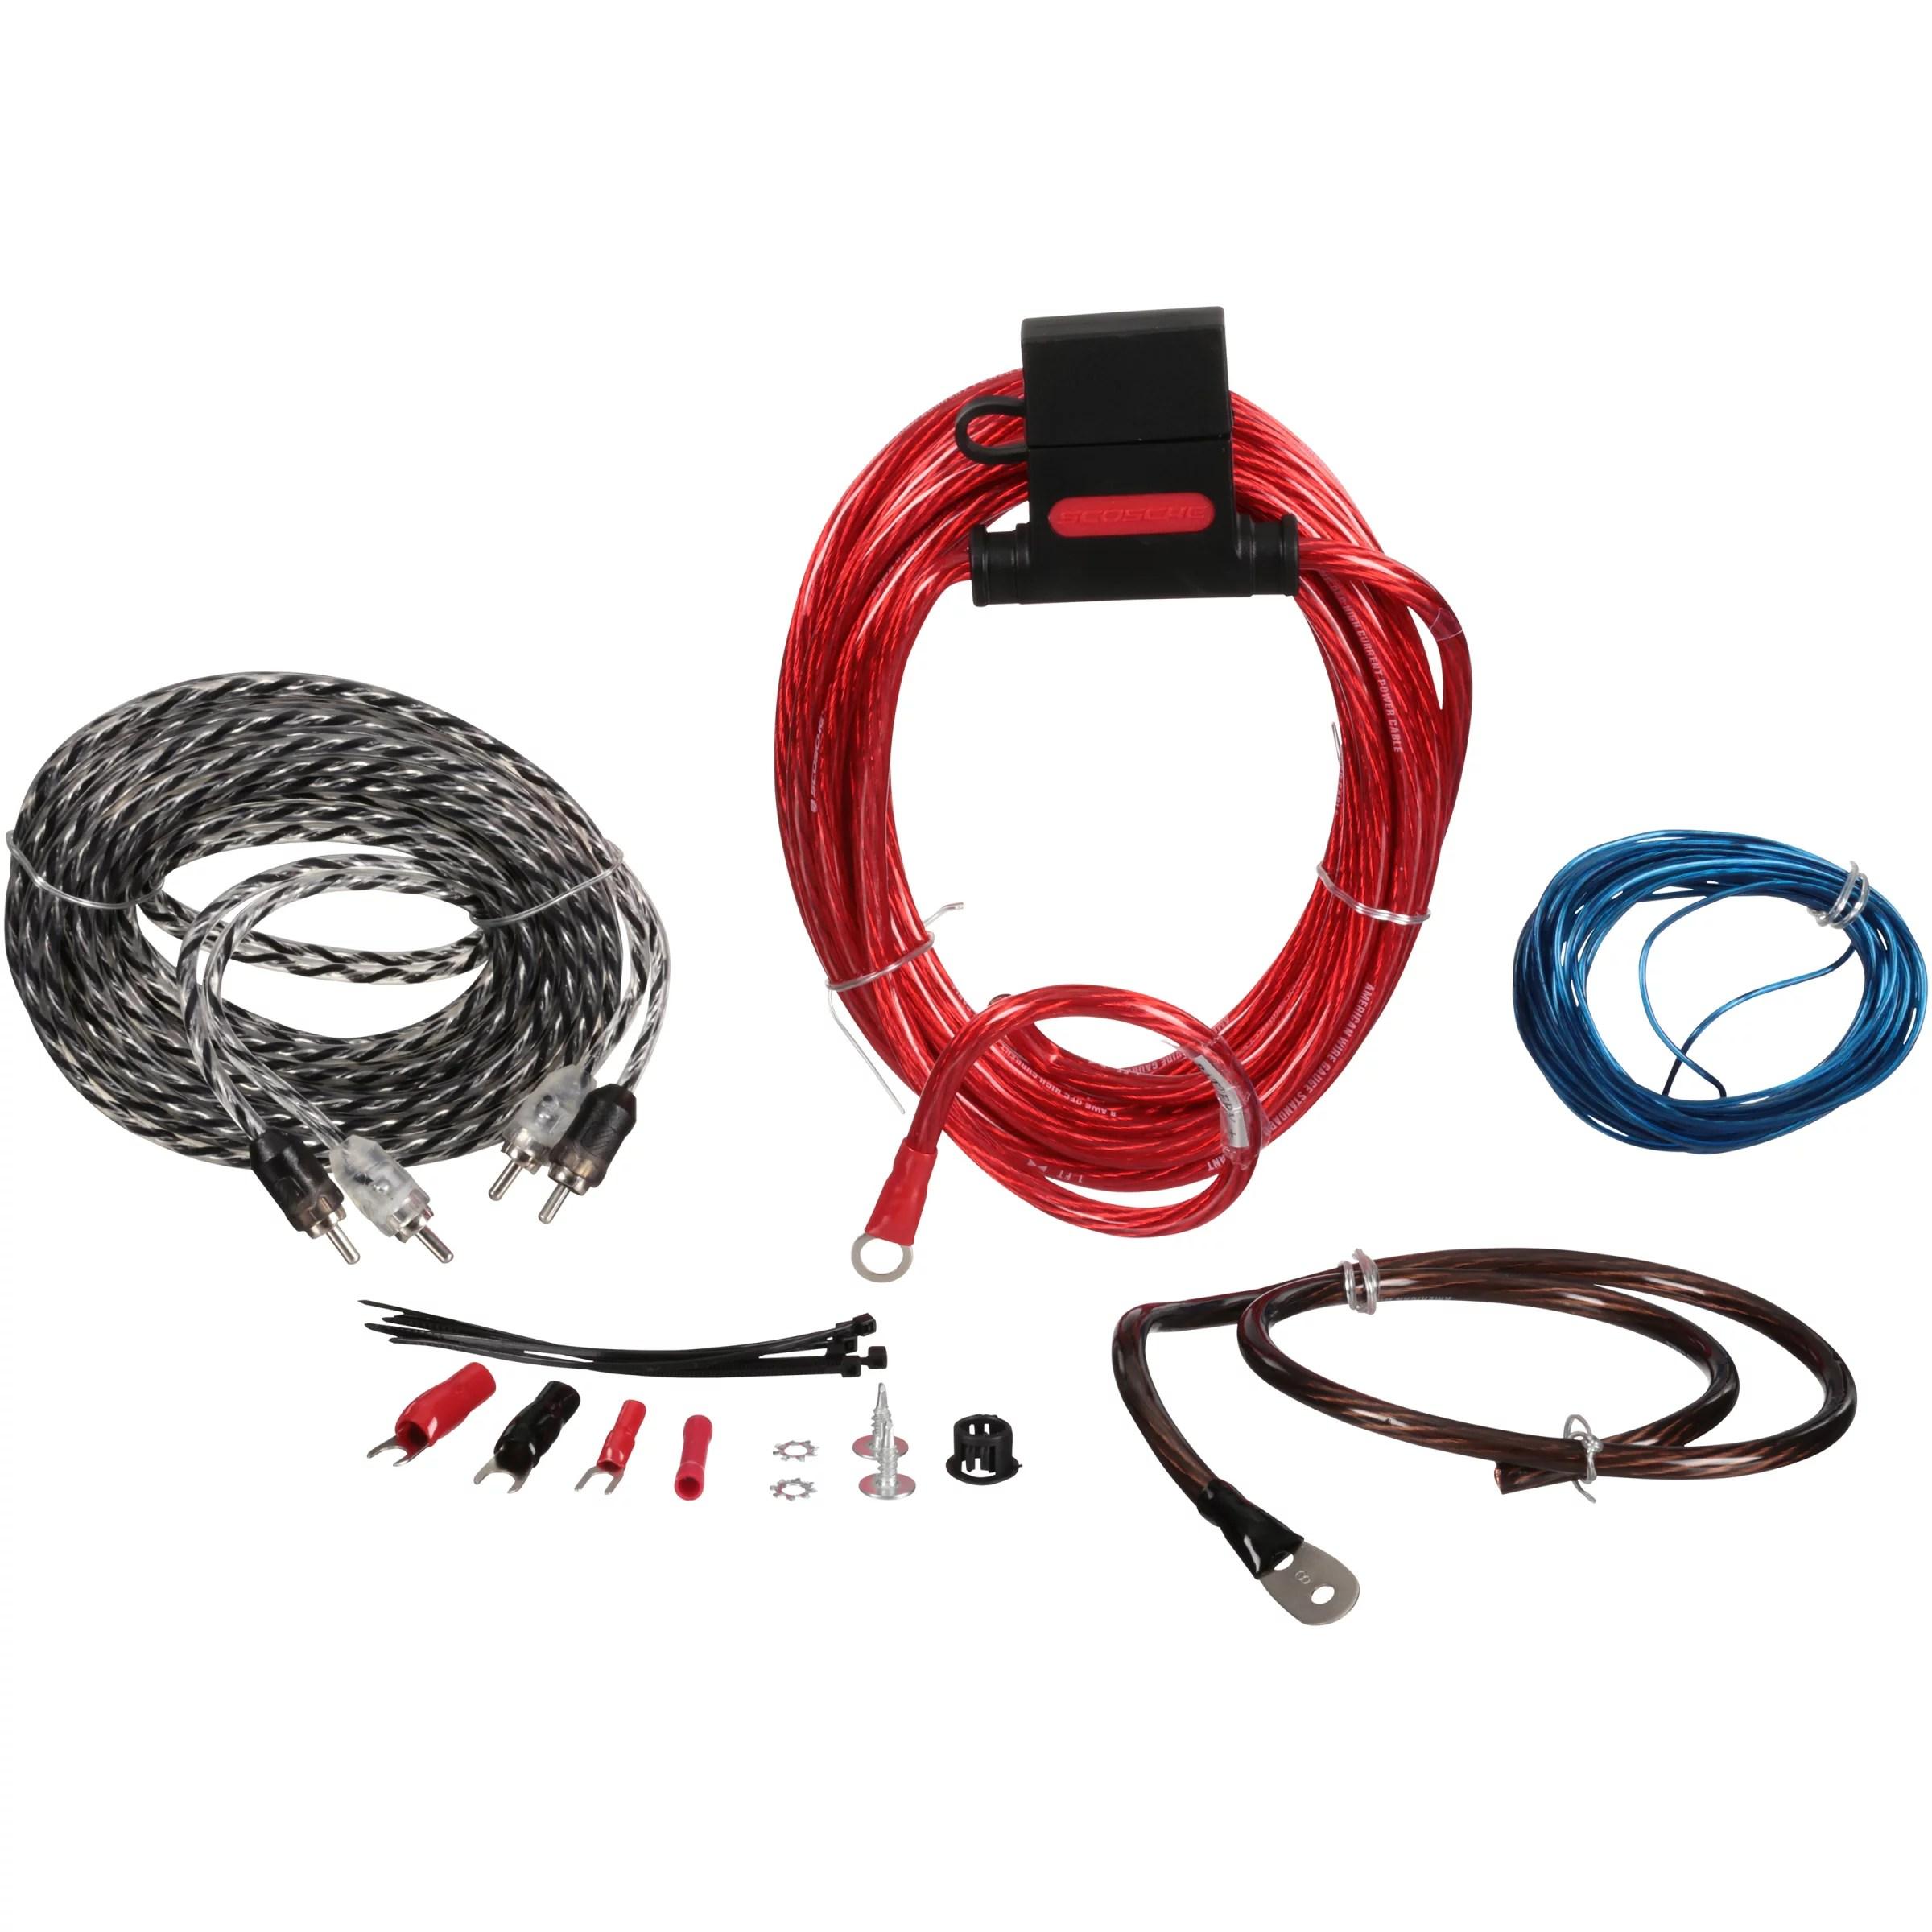 scosche car stereo amplifier wiring kit wiring diagram todayscosche 680 watt max 400 amp wiring [ 2400 x 2400 Pixel ]